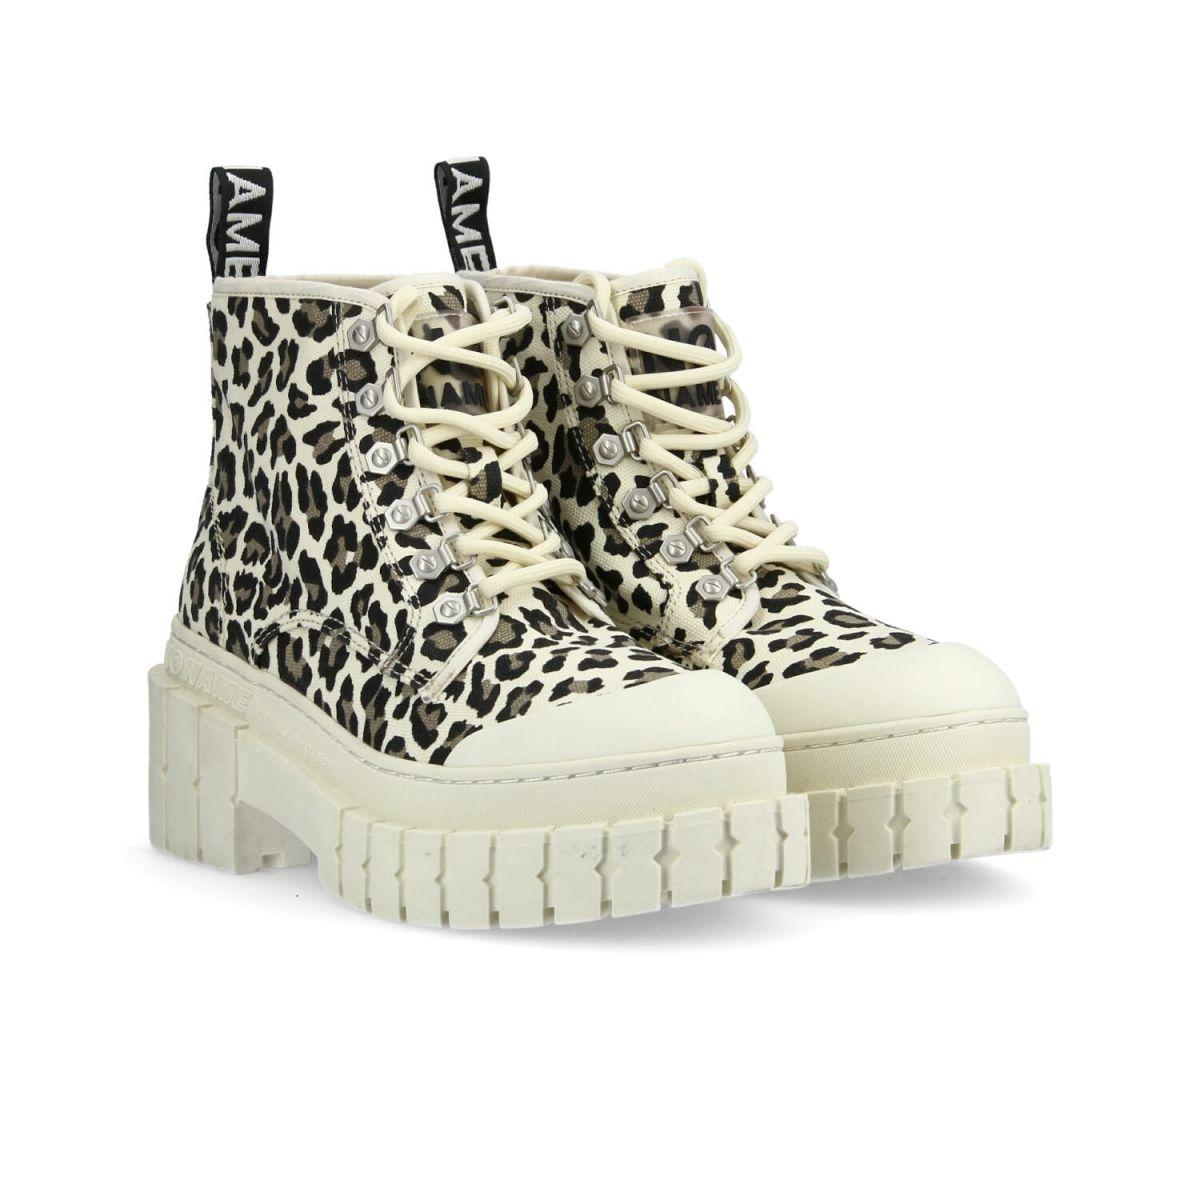 Bottines Kross Low Boots en toile de coton imprimé léopard et semelle crantée de 7,5 cm, No Name, 119€.